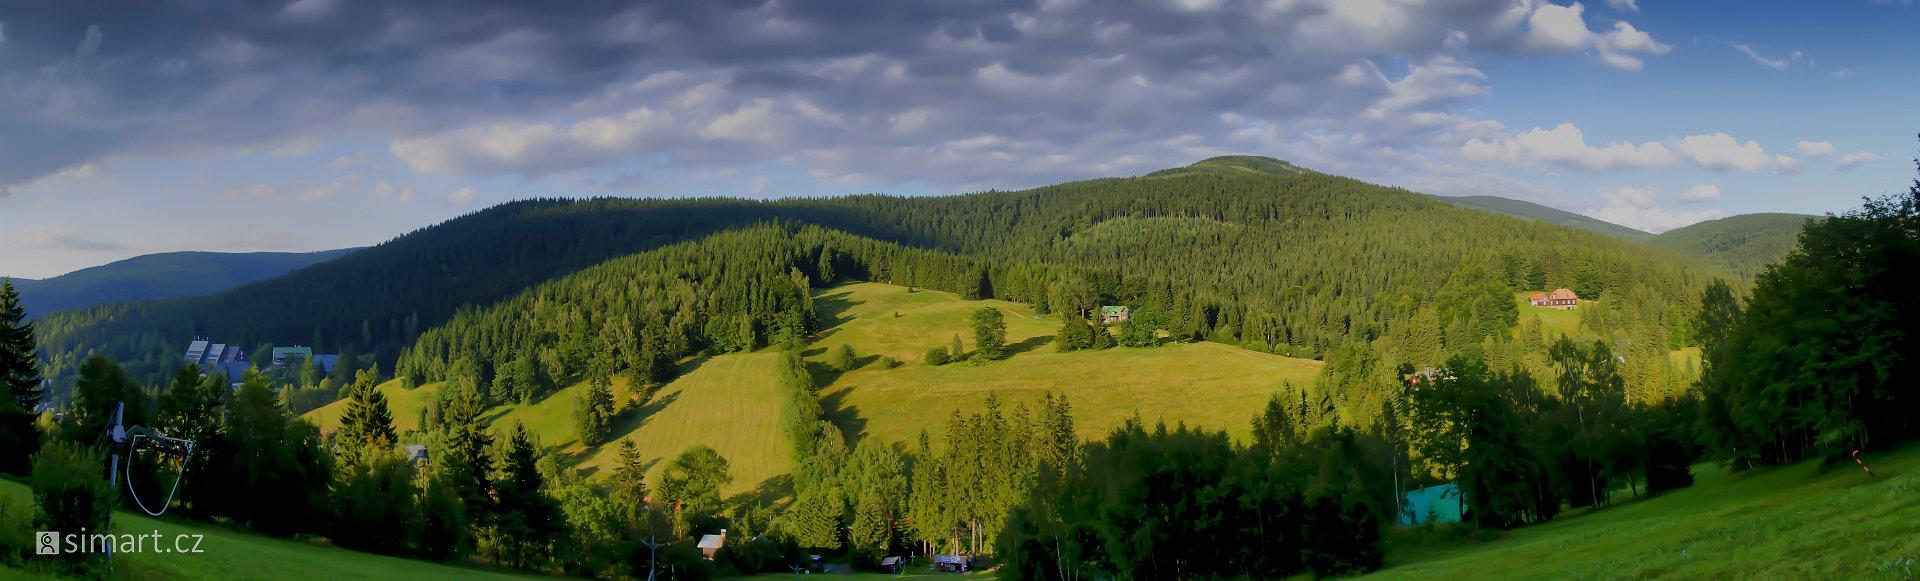 slides/PanoramaHarrachov.jpg Panorama, Toulky PanoramaHarrachov